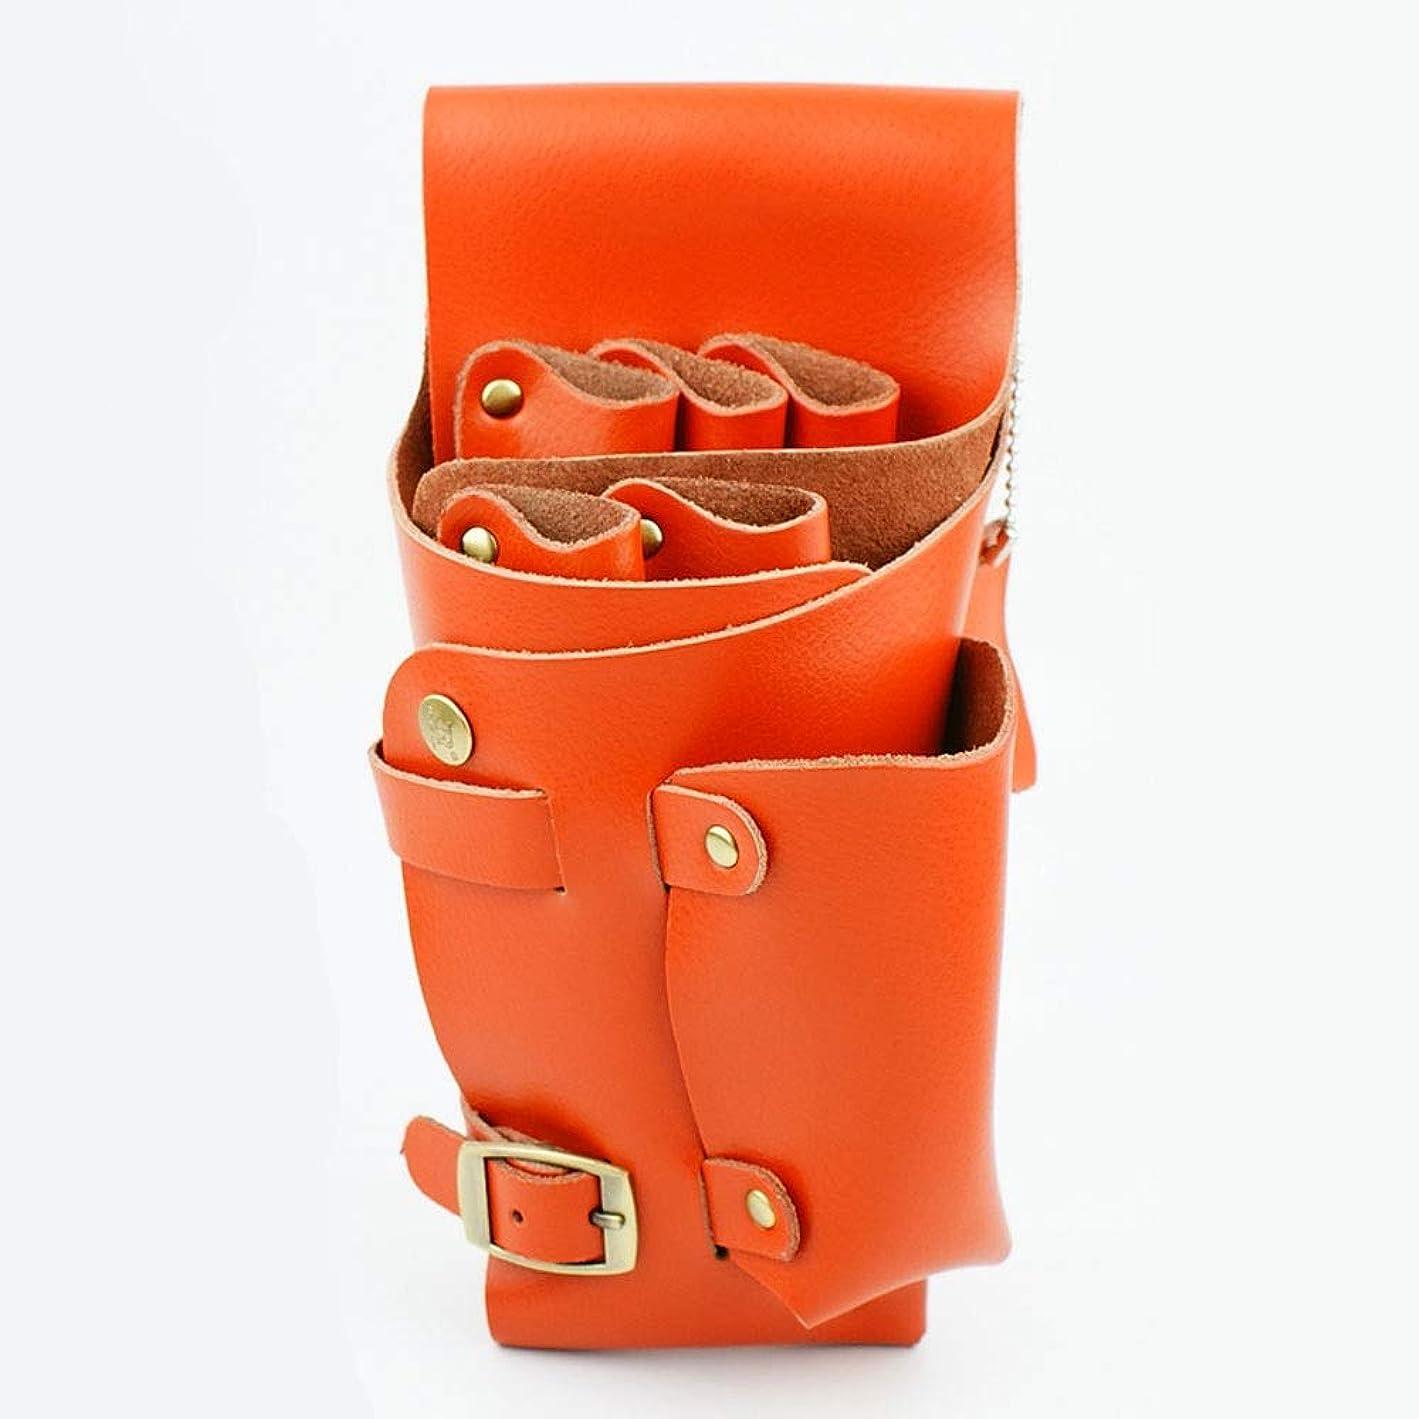 投資移民落ちたYWAWJ ショルダーベルト髪シザーホルスター理髪バッグポーチ付きヘアスタイリストホルスターポーチレザー理容髪シザーくしホルスターウエスト (Color : Orange)